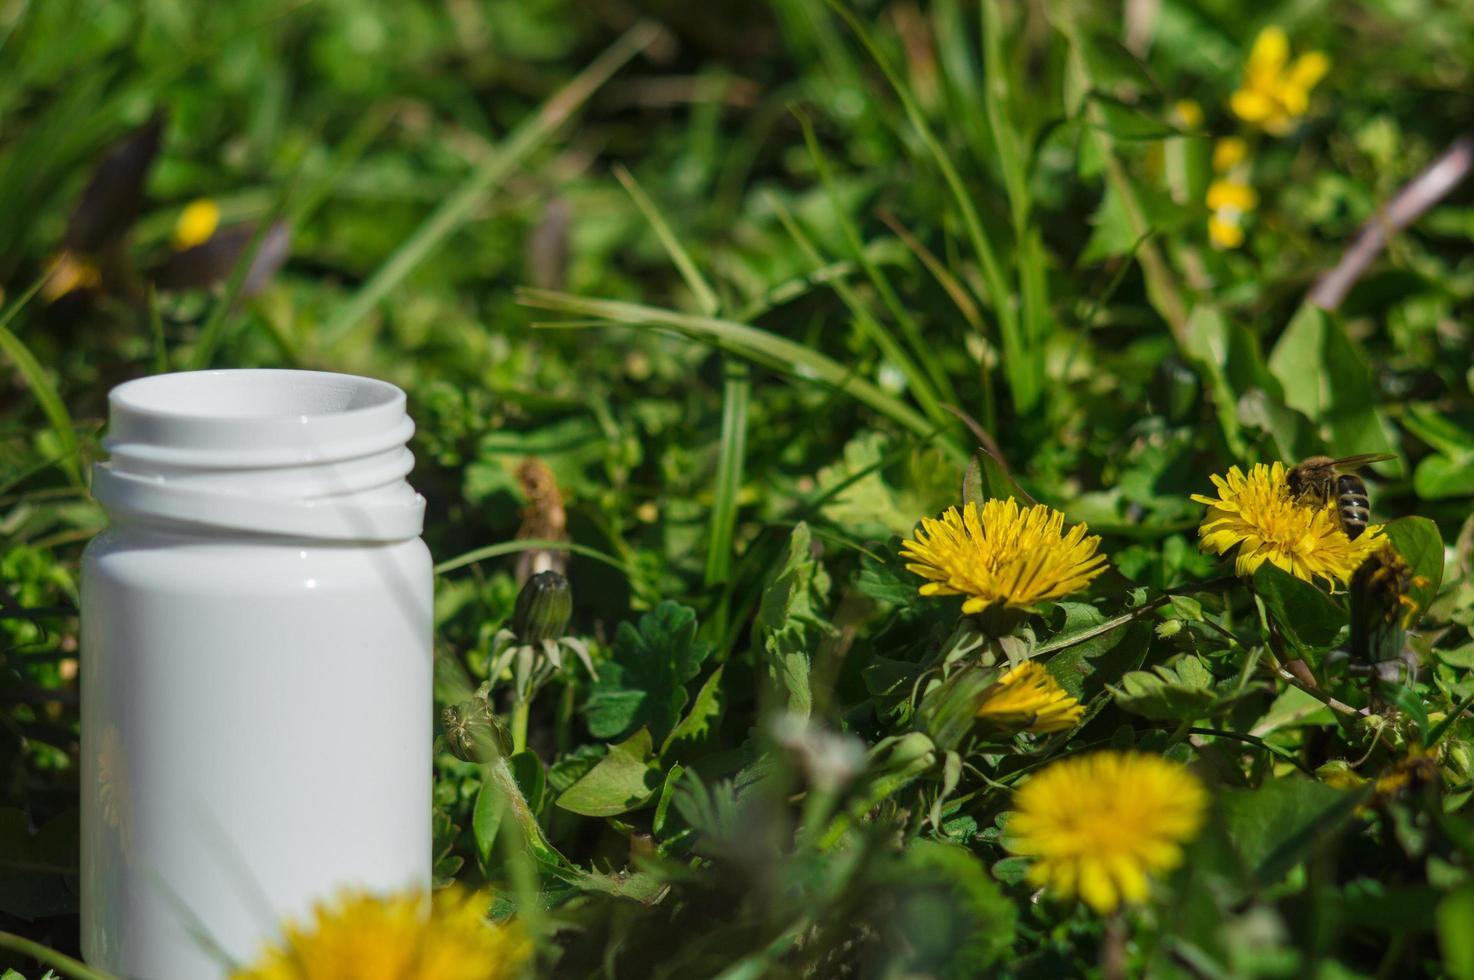 Pastillas blancas en la hierba con flores. foto